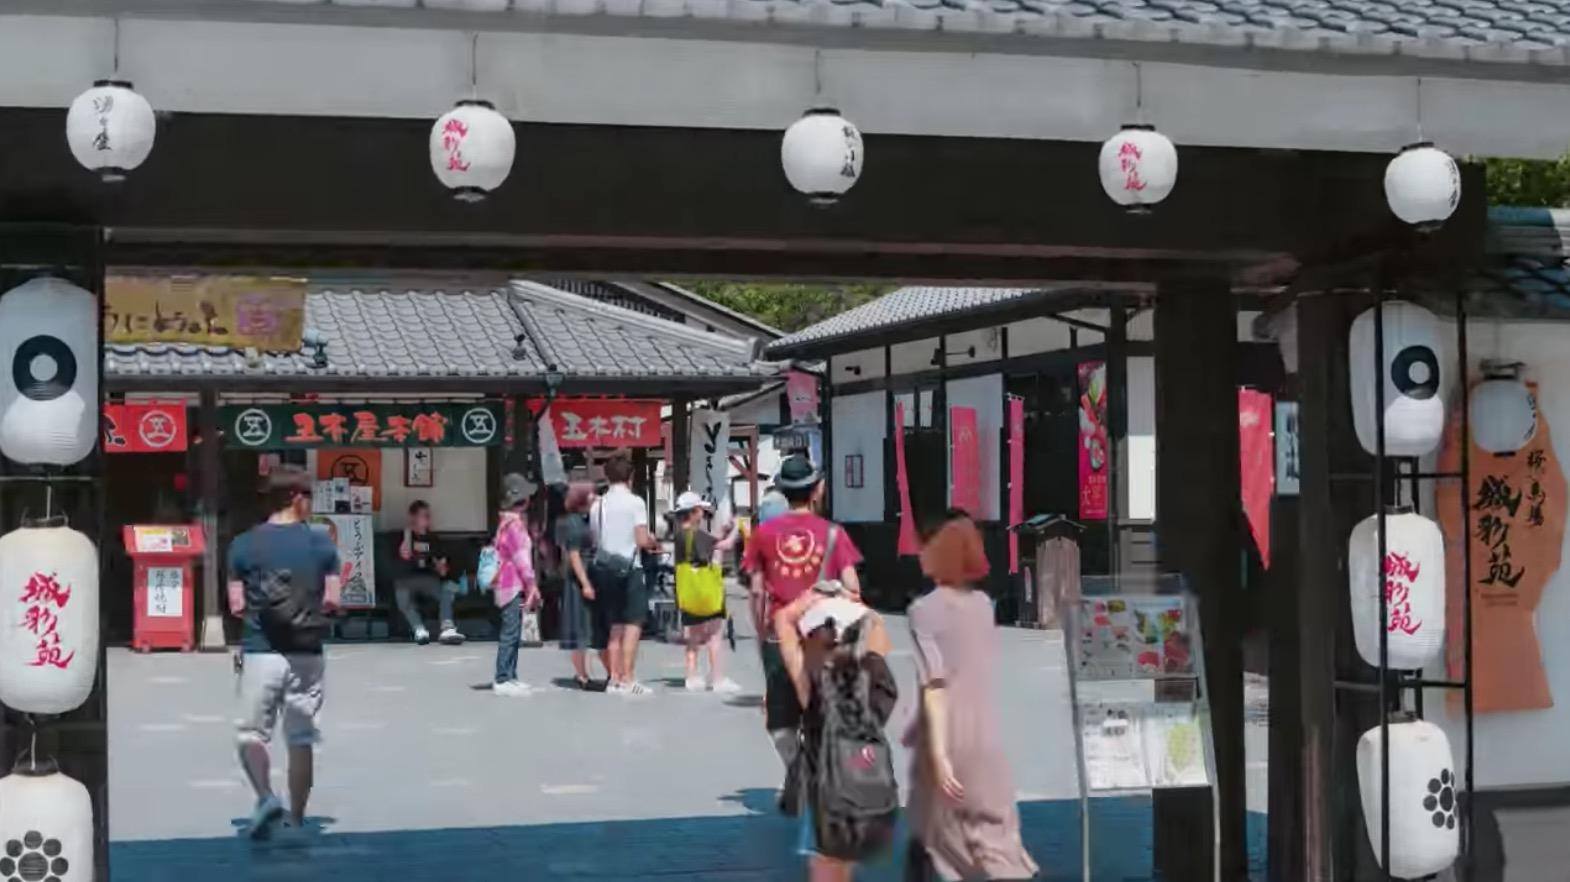 熊本城の歴史を体験したり、熊本の食文化